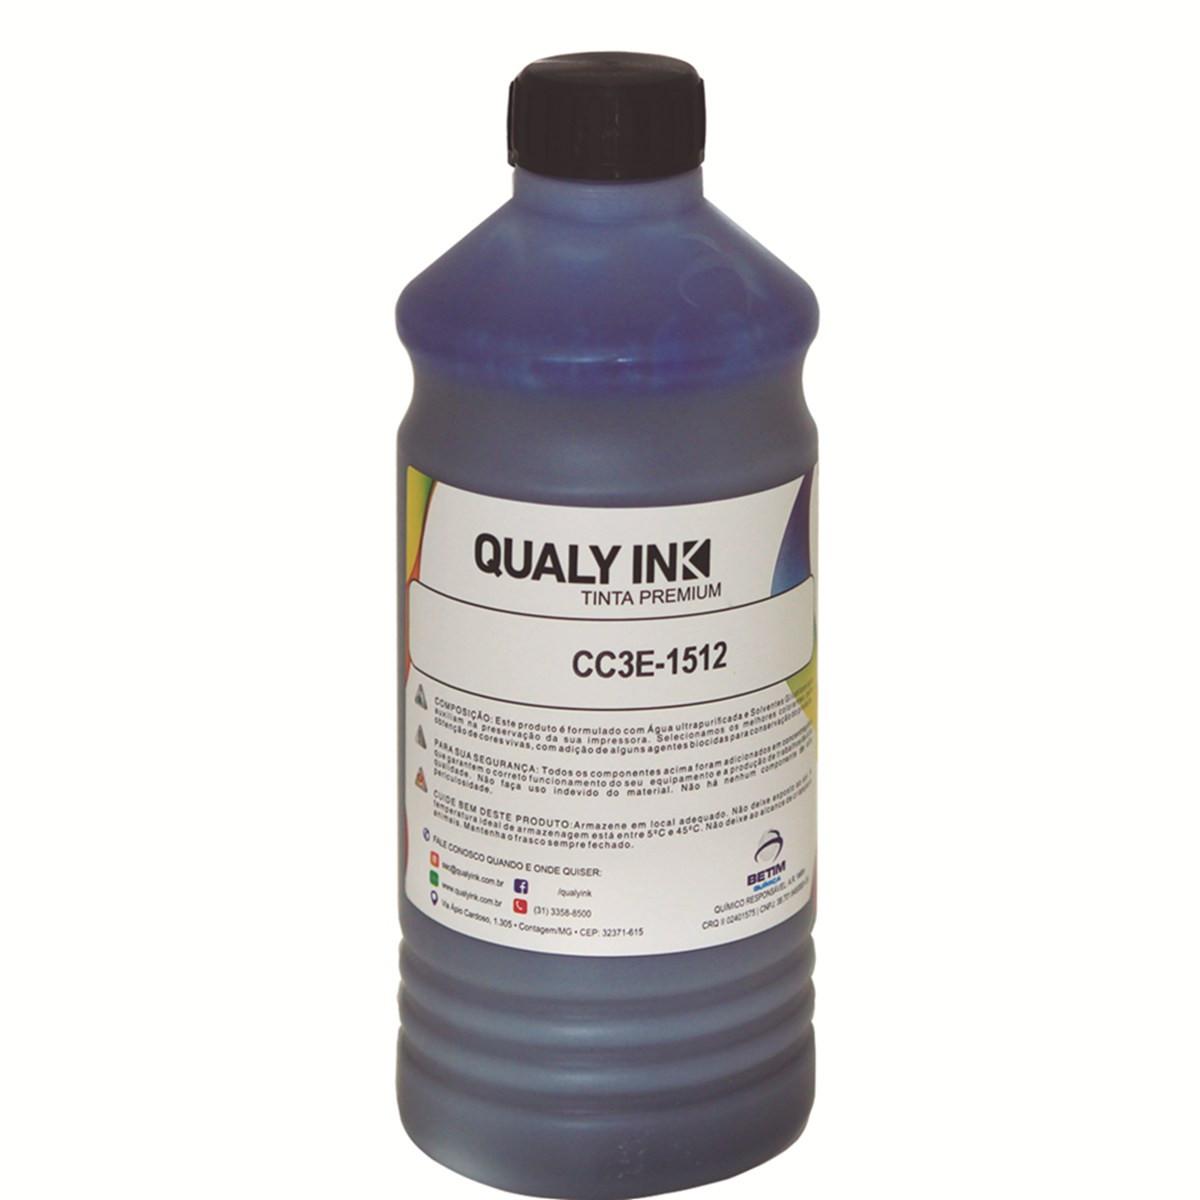 Tinta Epson T673220 Ciano Corante CC3E-1512 | L800 L810 L805 L1800 | Qualy ink 1kg